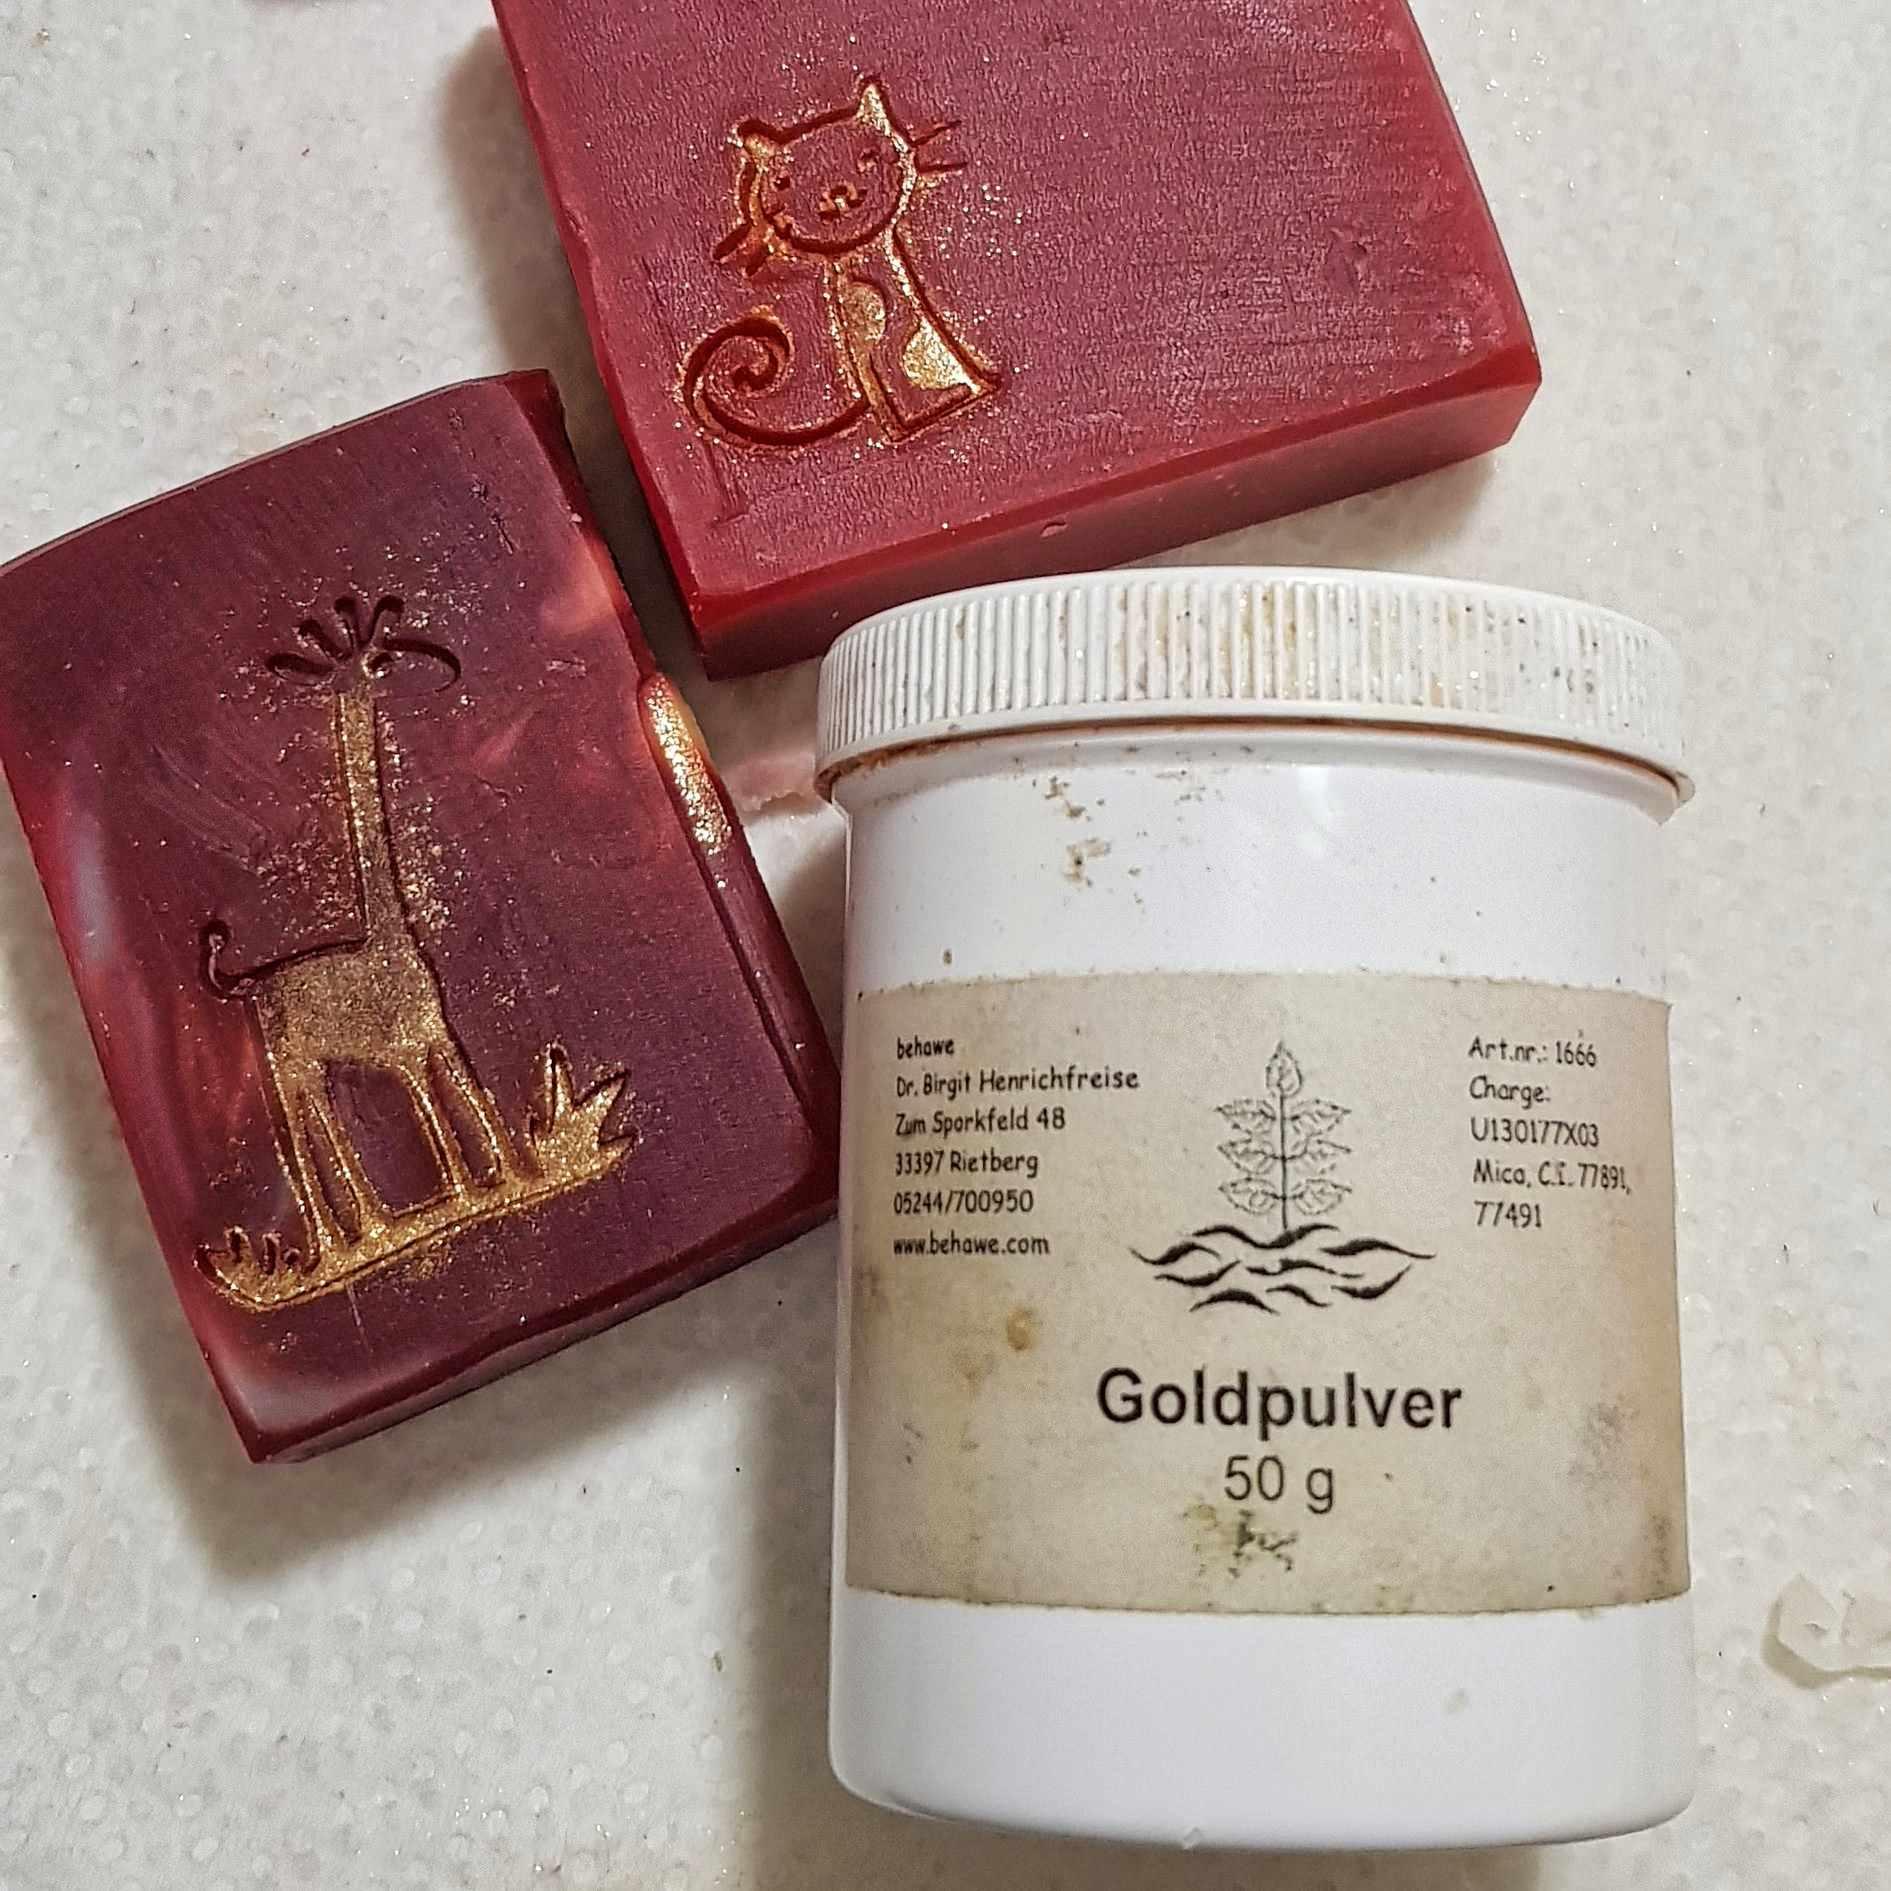 Der Stempel wird in farbiges oder goldenes Mica getaucht, bevor er auf das Seifenstück gedrückt wird.